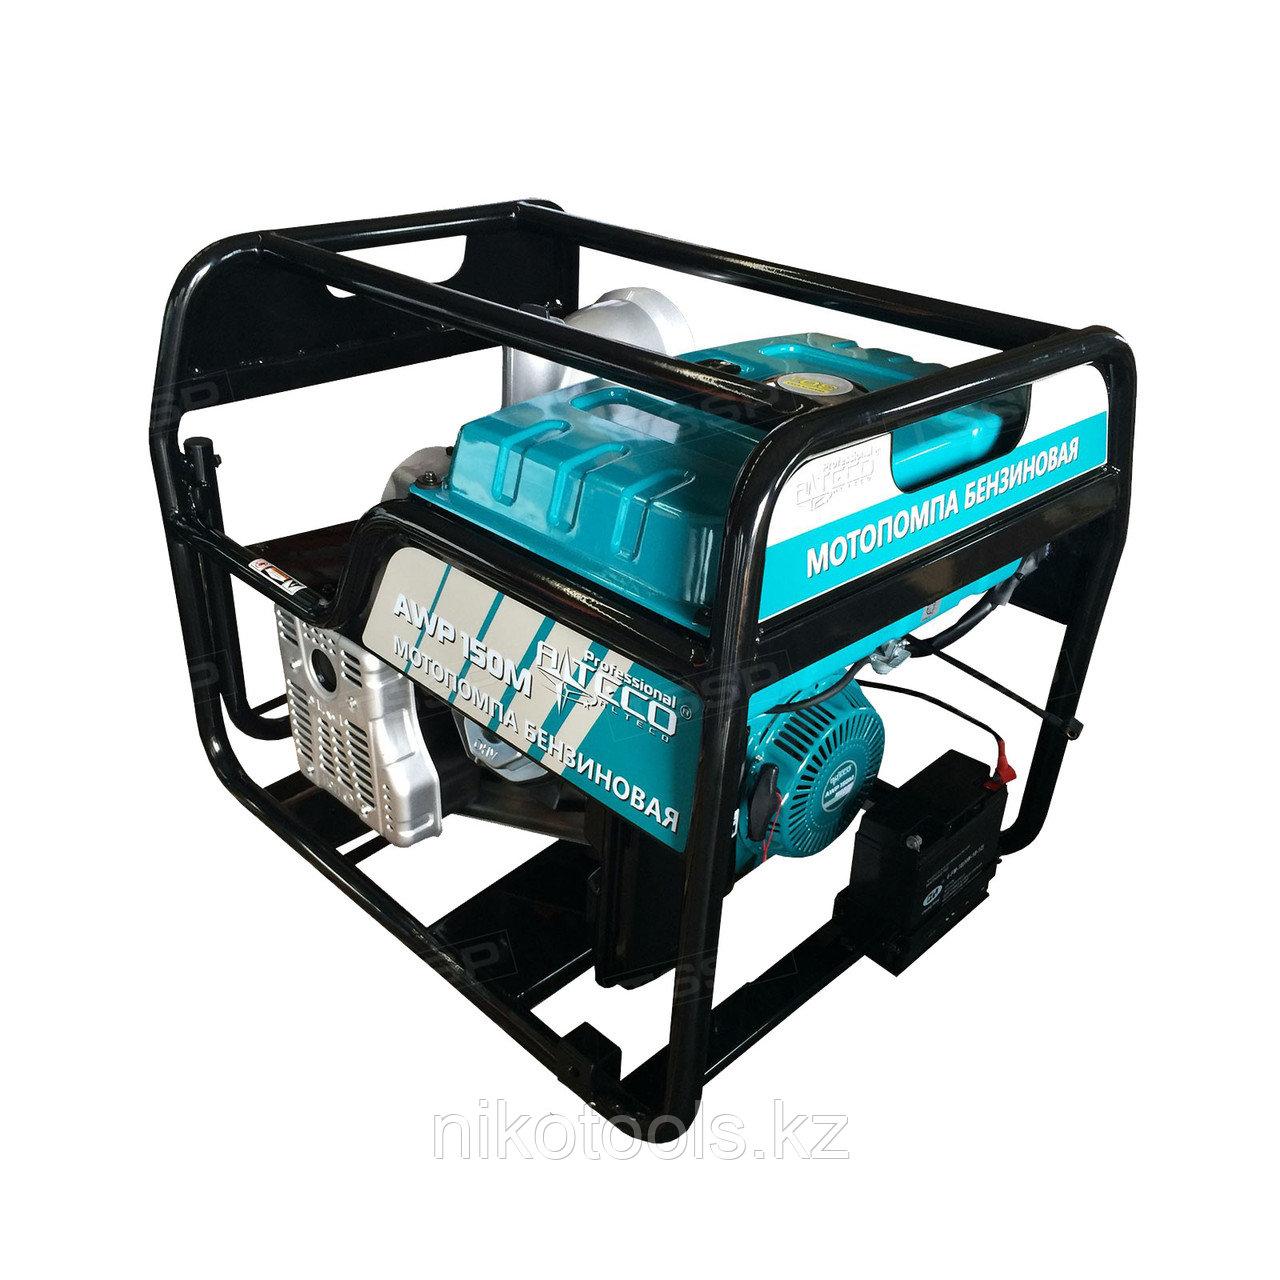 Мотопомпа бензиновая Alteco Professional AWP150M для сильно грязной воды